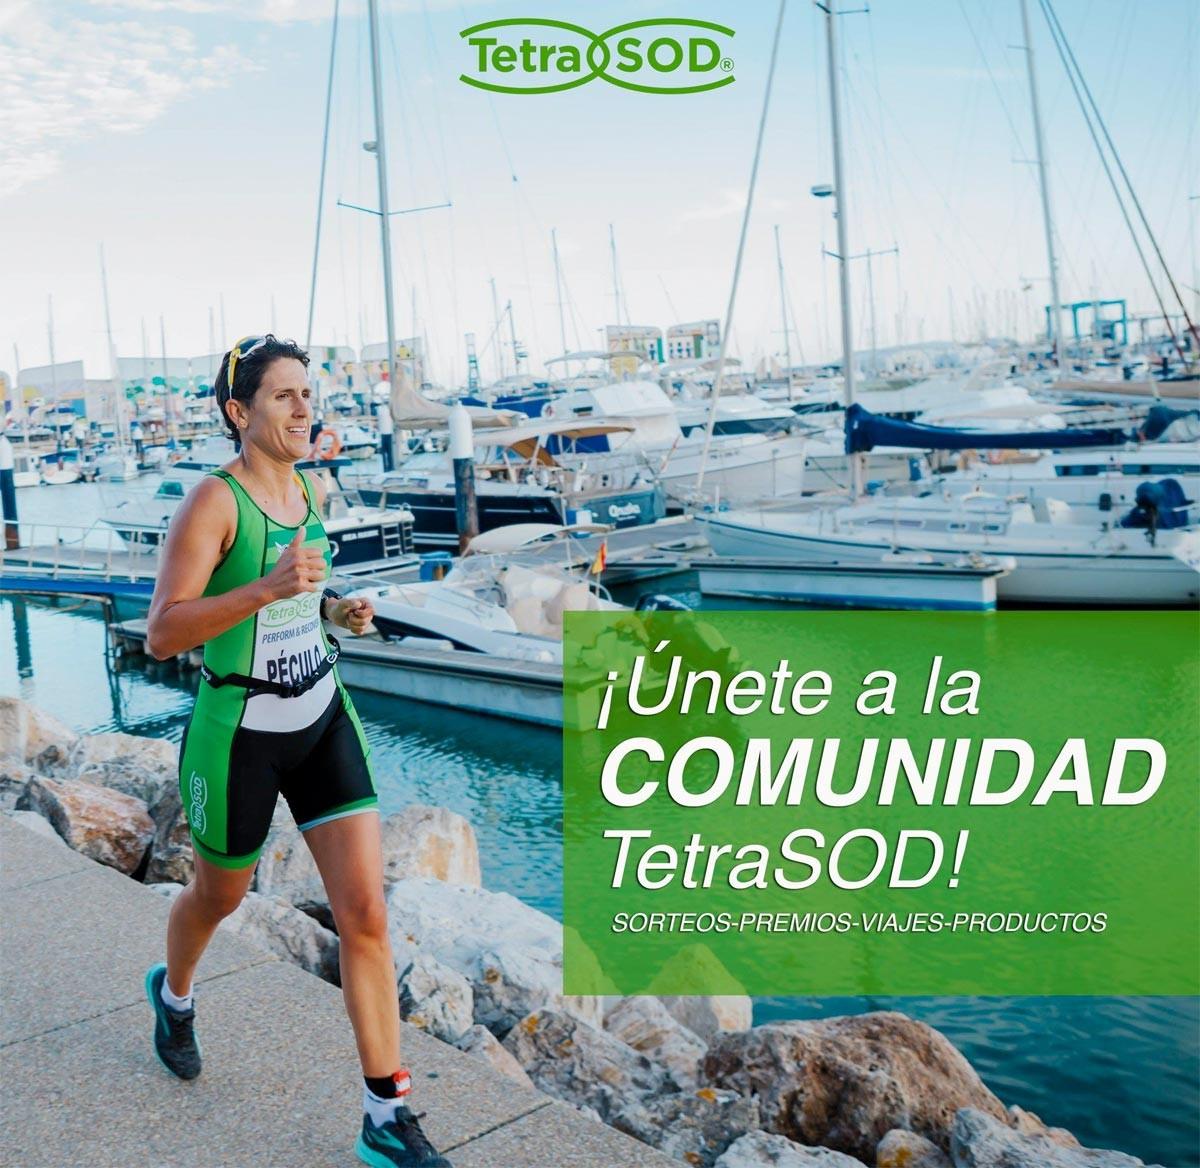 Comunidad TetraSOD - foto 2